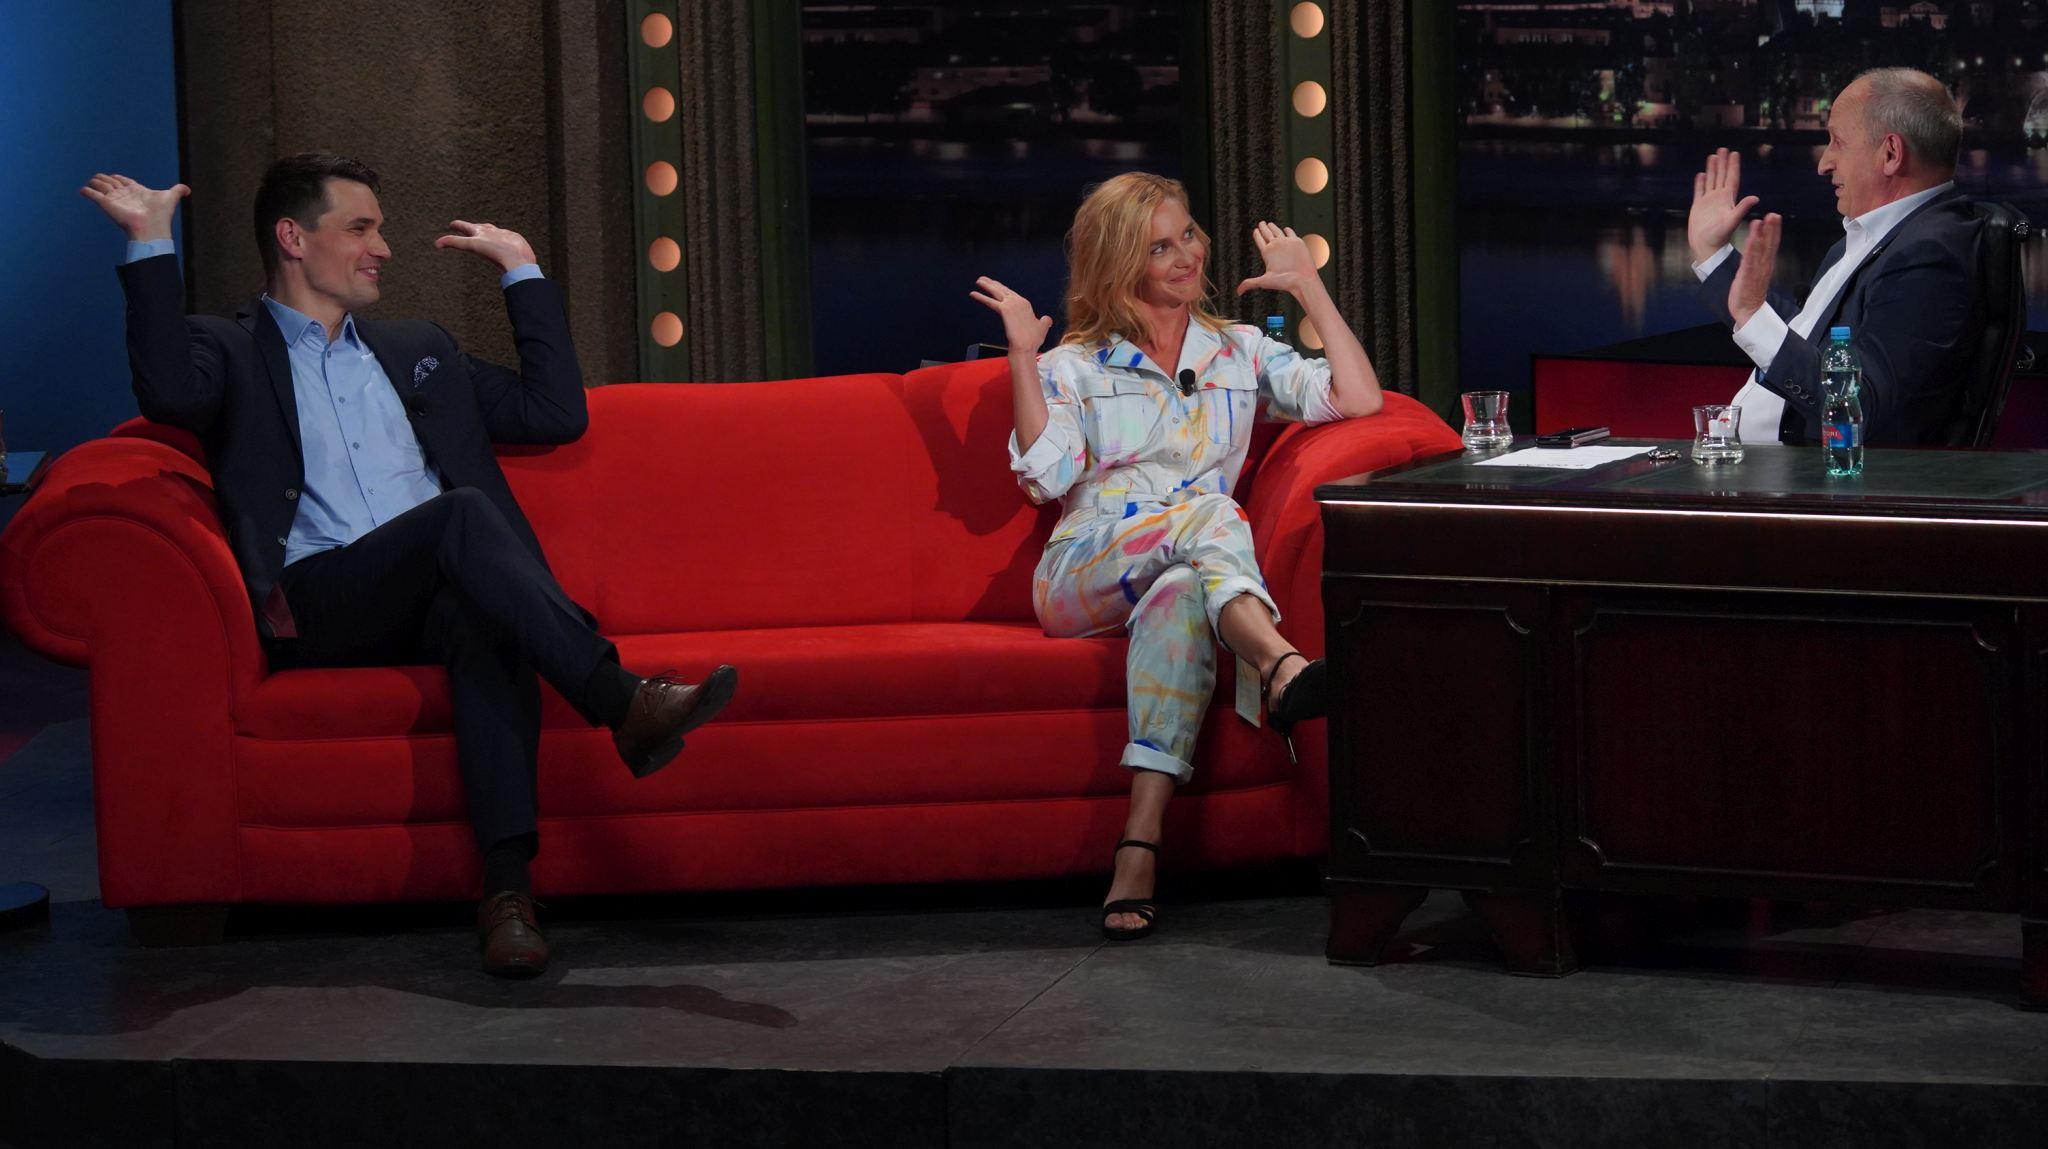 Zleva: Moderátor Daniel Stach a herečka Hana Vagnerová v SJK 19. 5. 2021